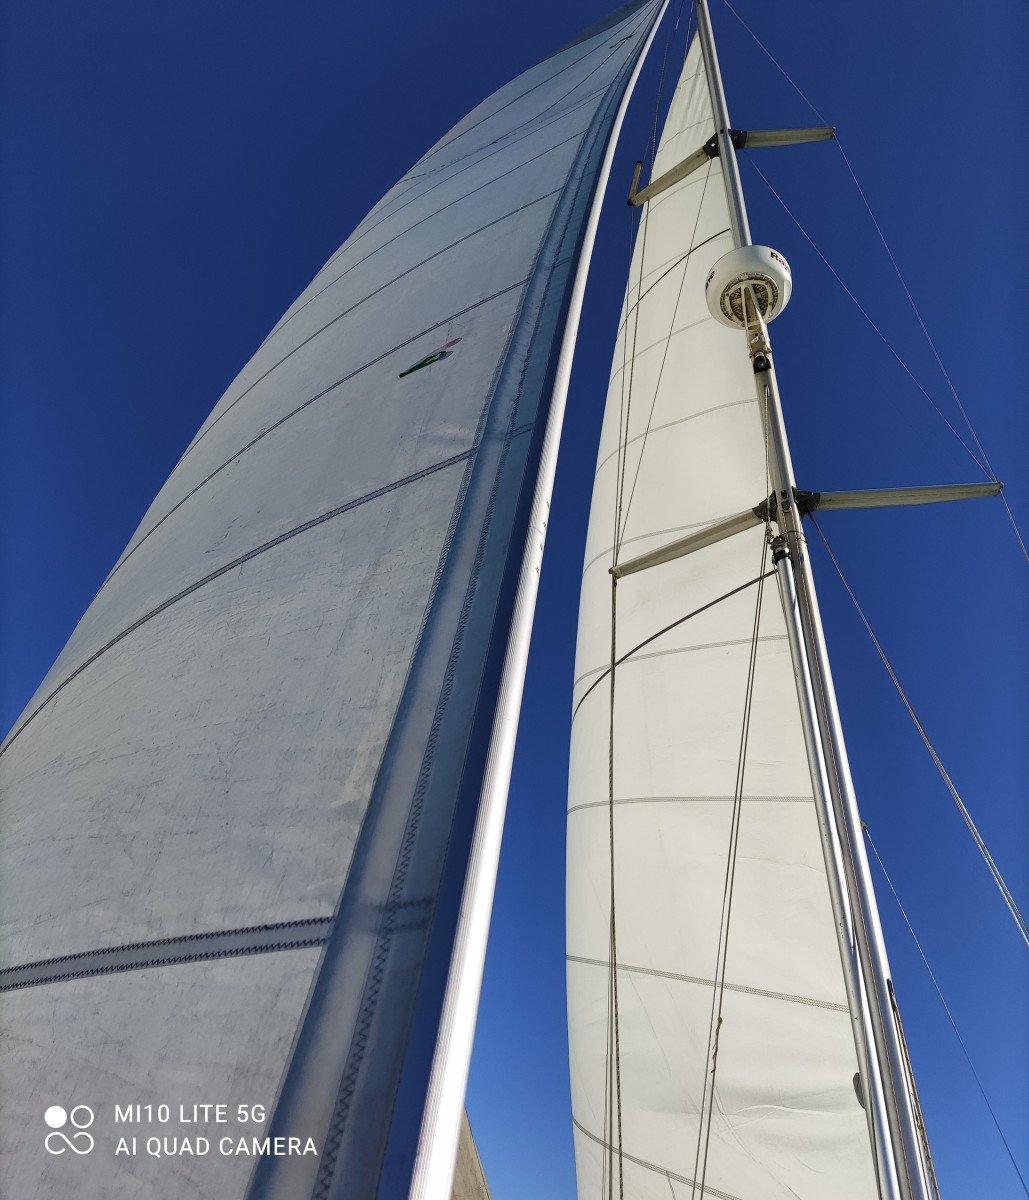 Salida en barco por la Bahía de Cádiz a Portugal